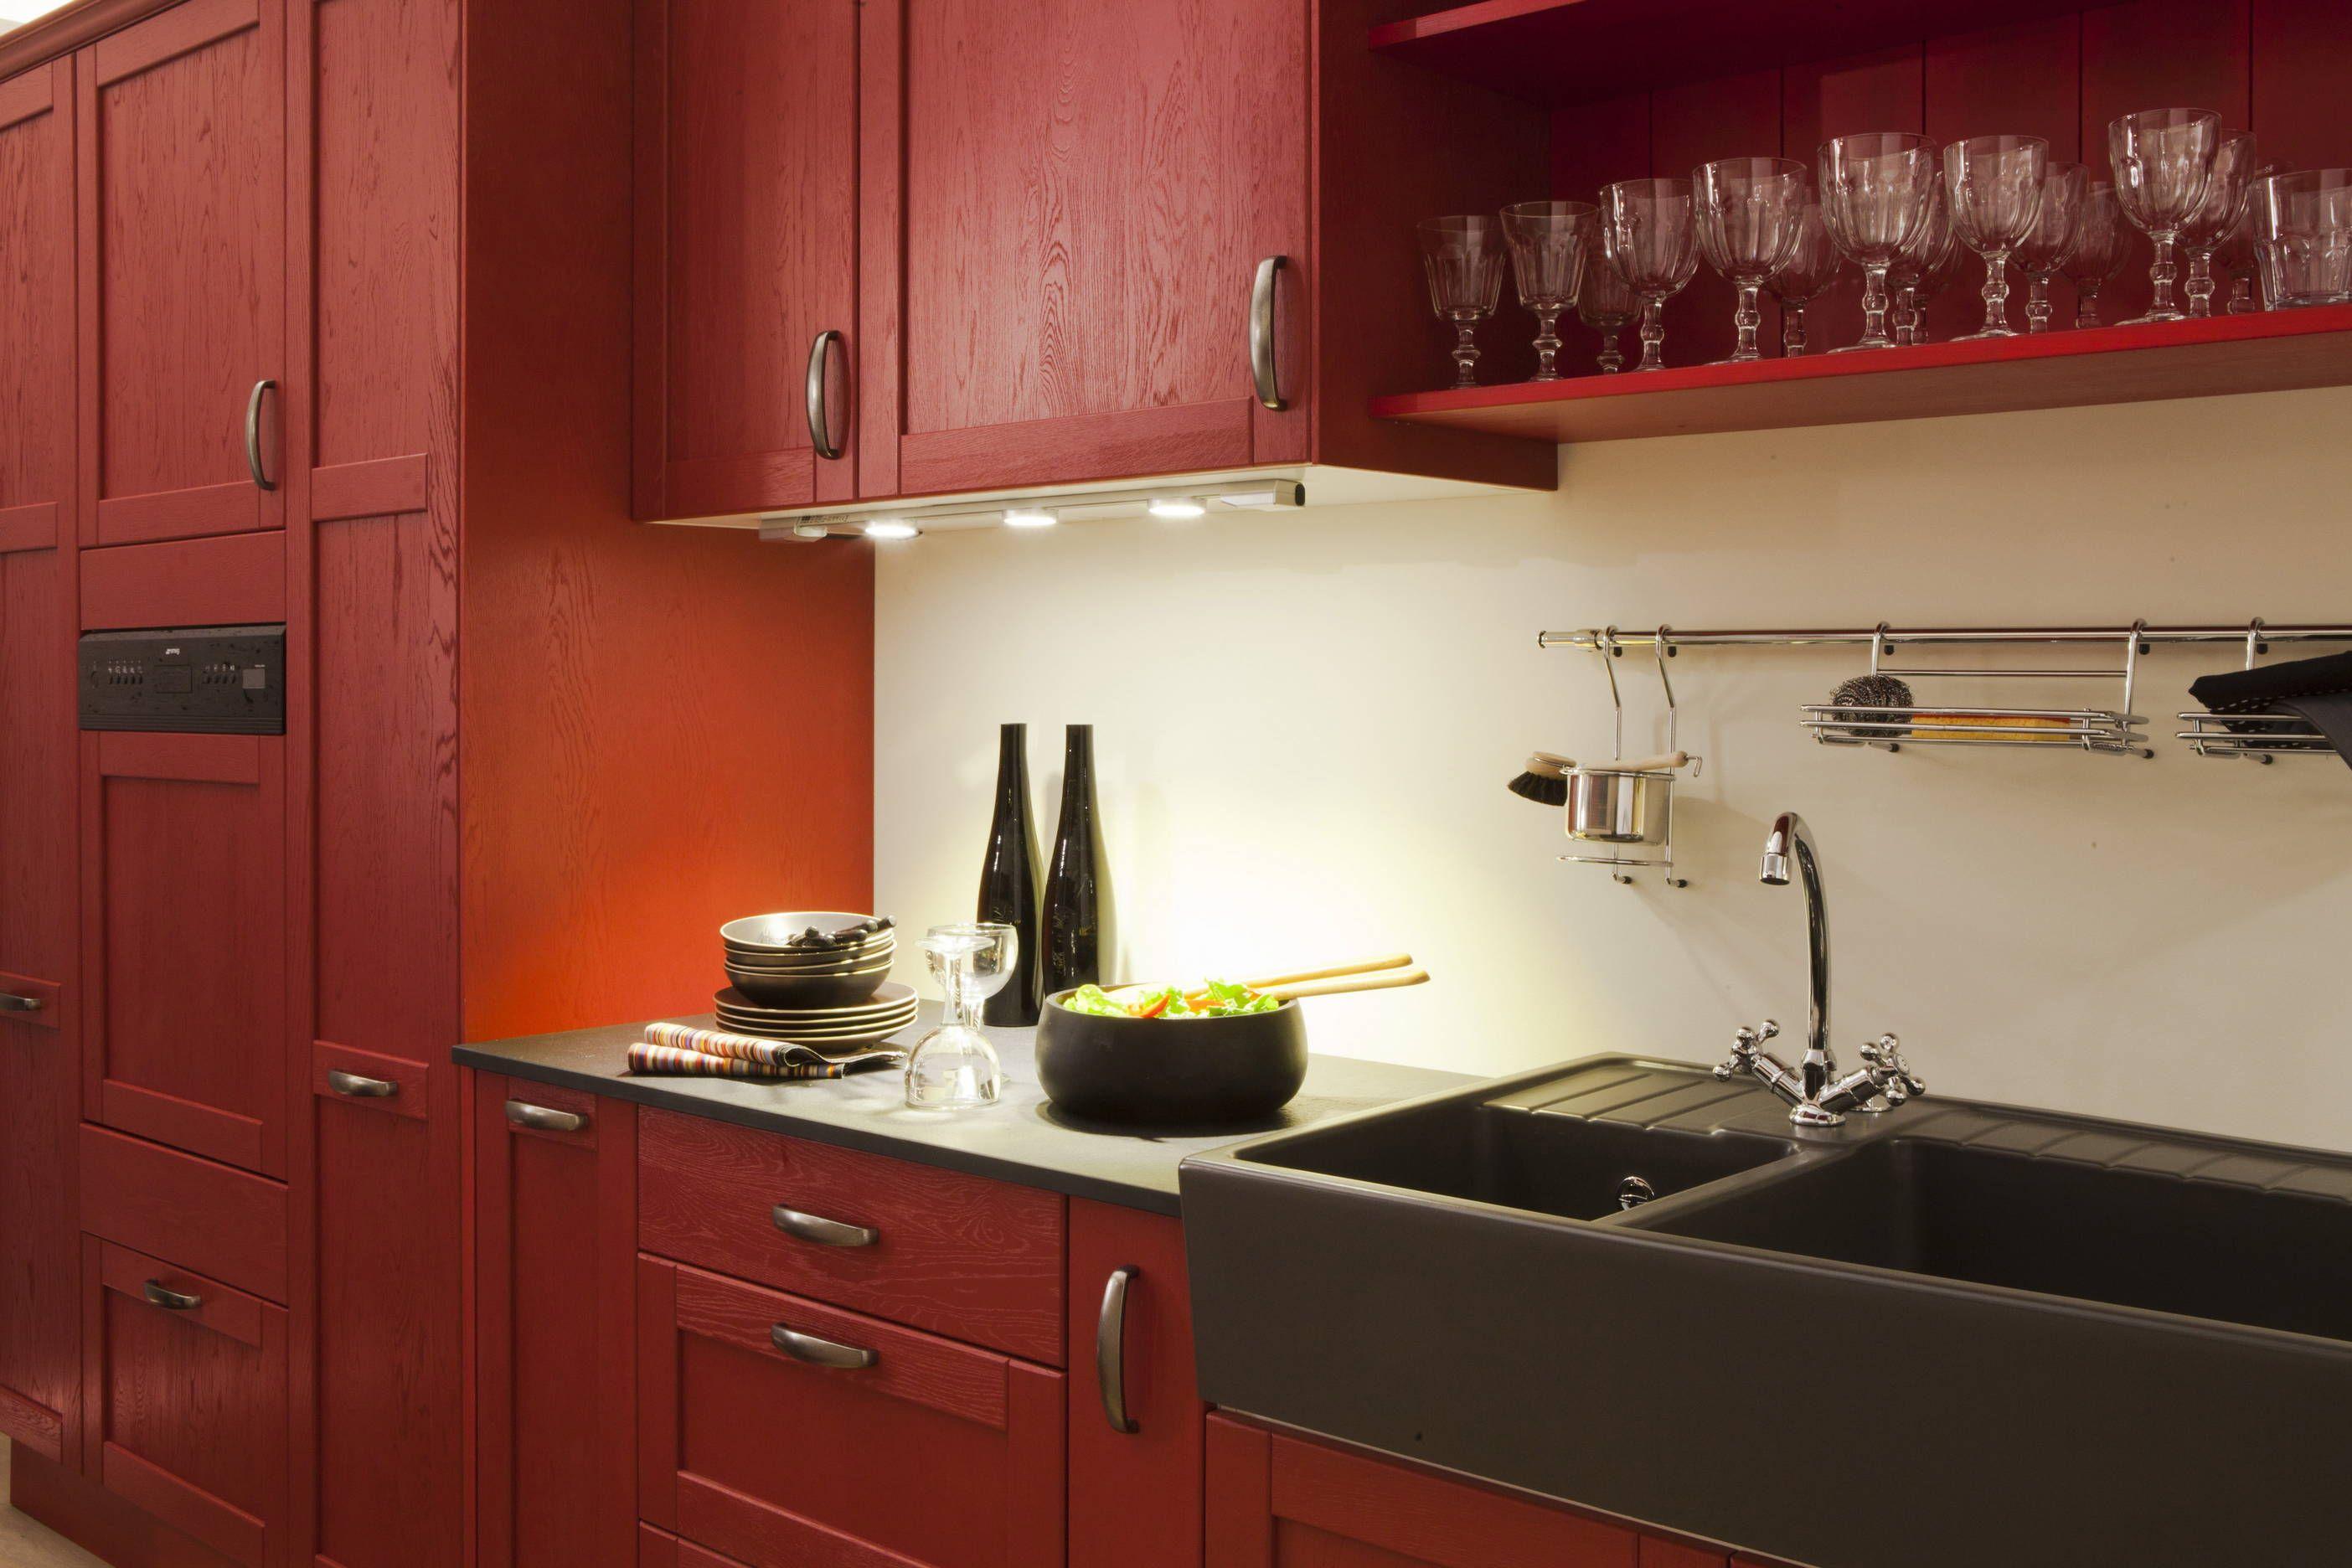 Facade De Cuisine En Chene Massif une cuisine en chêne massif patiné rouge | cuisine chene